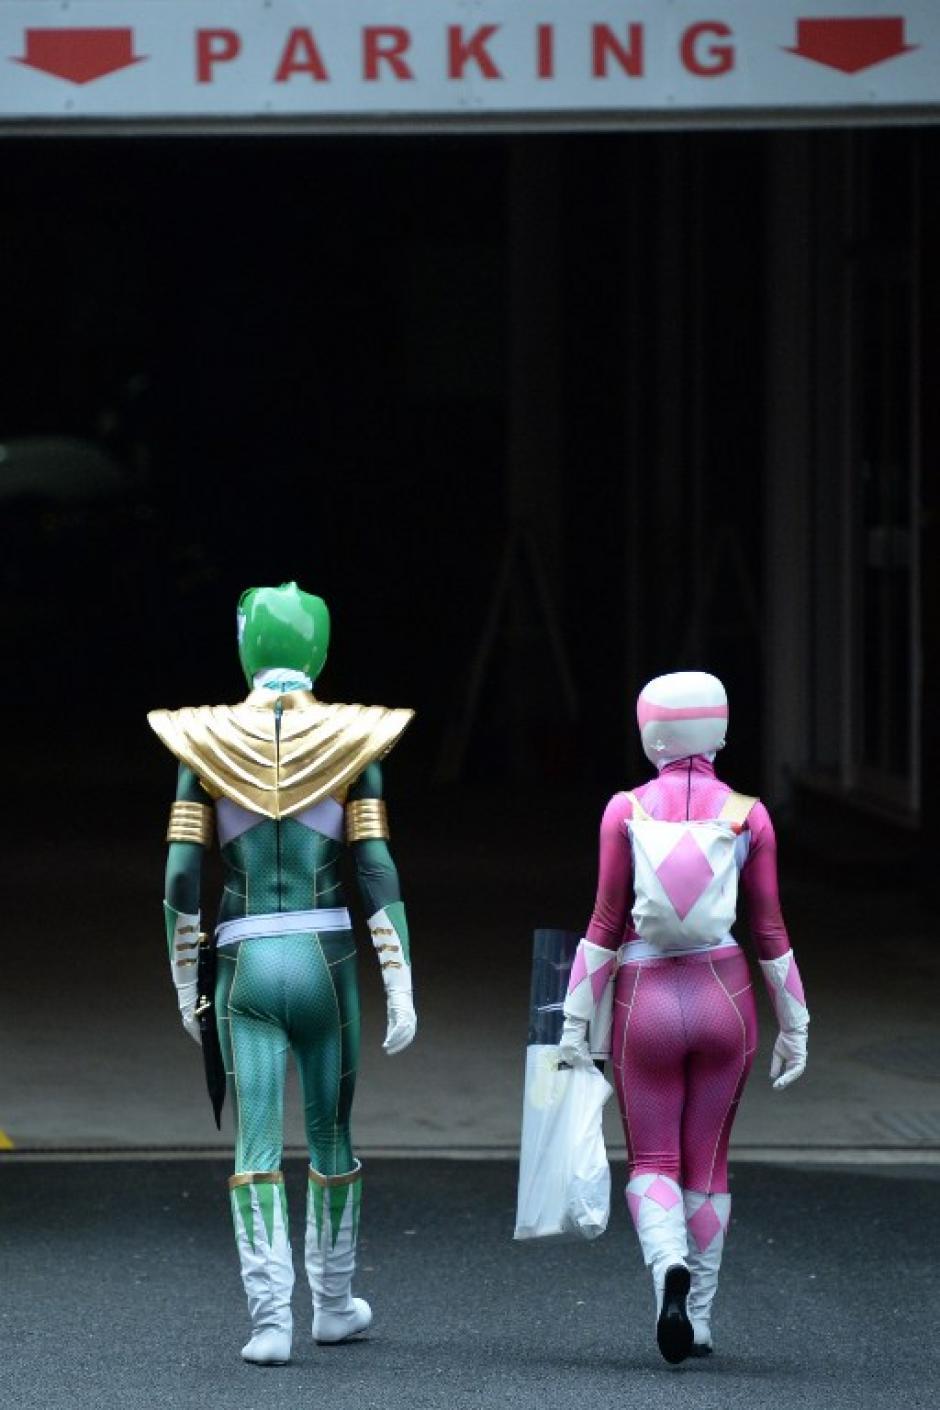 Una pareja disfrazada de Power Rangers es captada cuando se dirigen al parqueo del Manchester Central donde se llevó a cabo el Comic Con. (Foto: Oli Scarff/AFP)